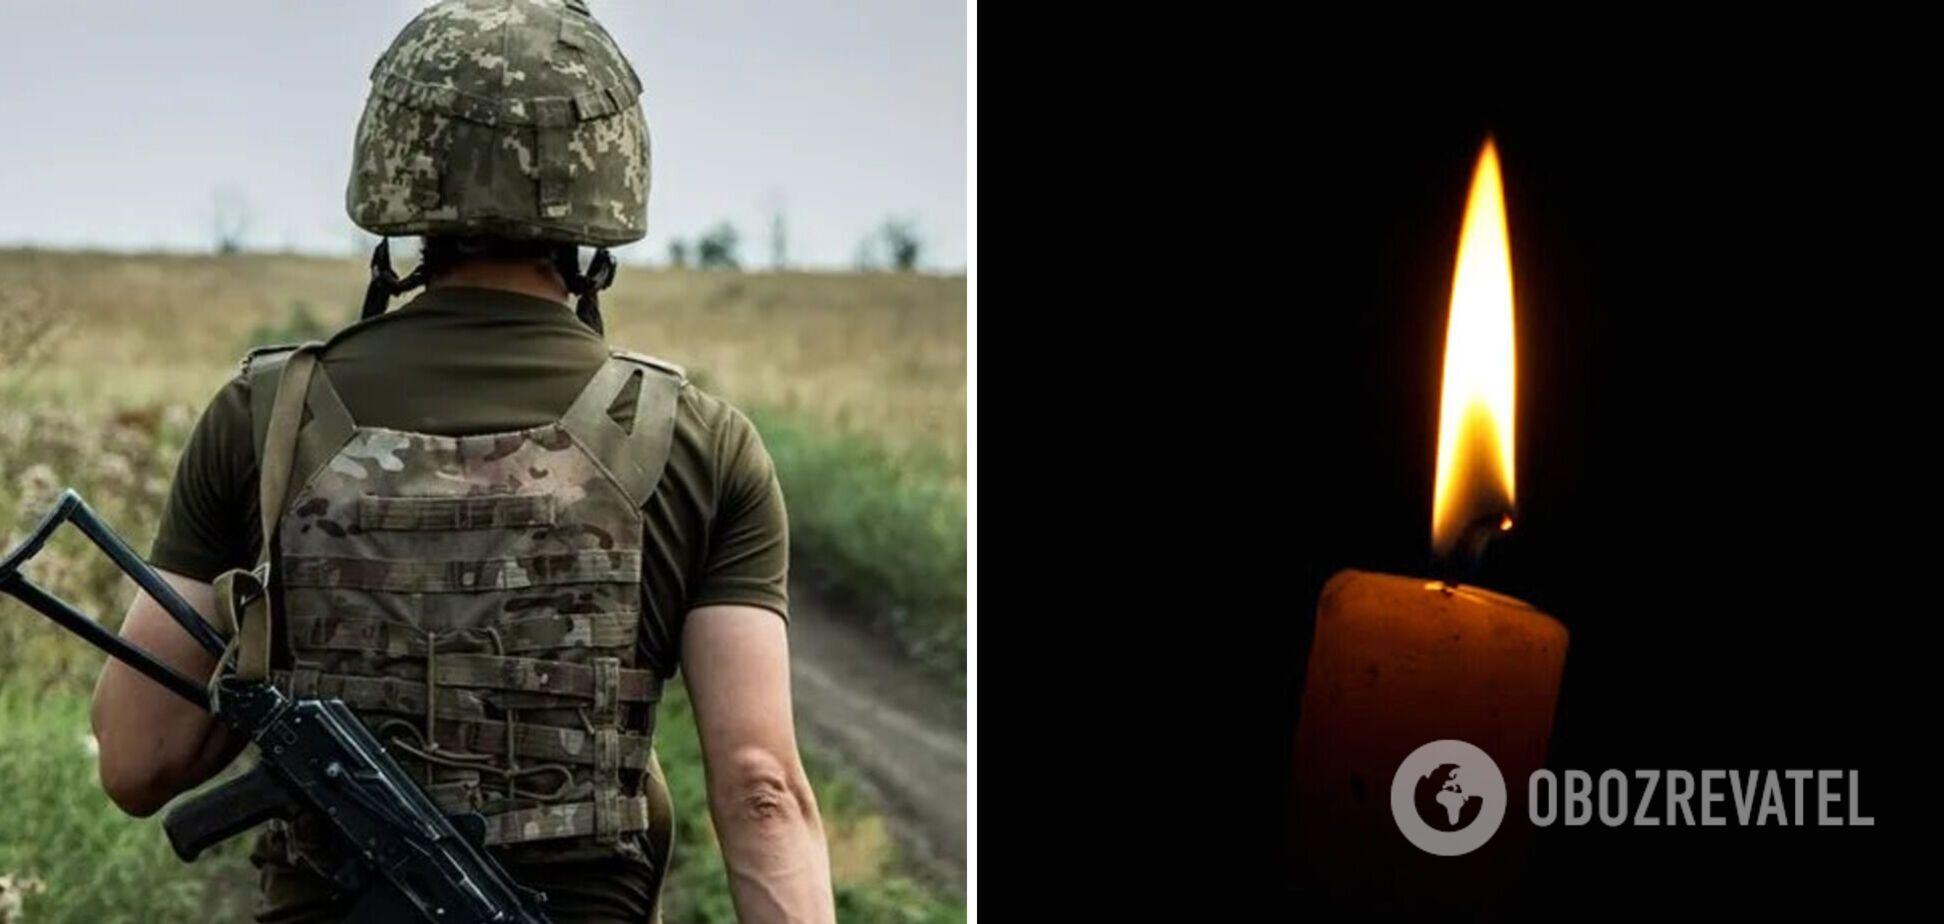 Под Черниговом военный выстрелил себе в голову: подробности ЧП